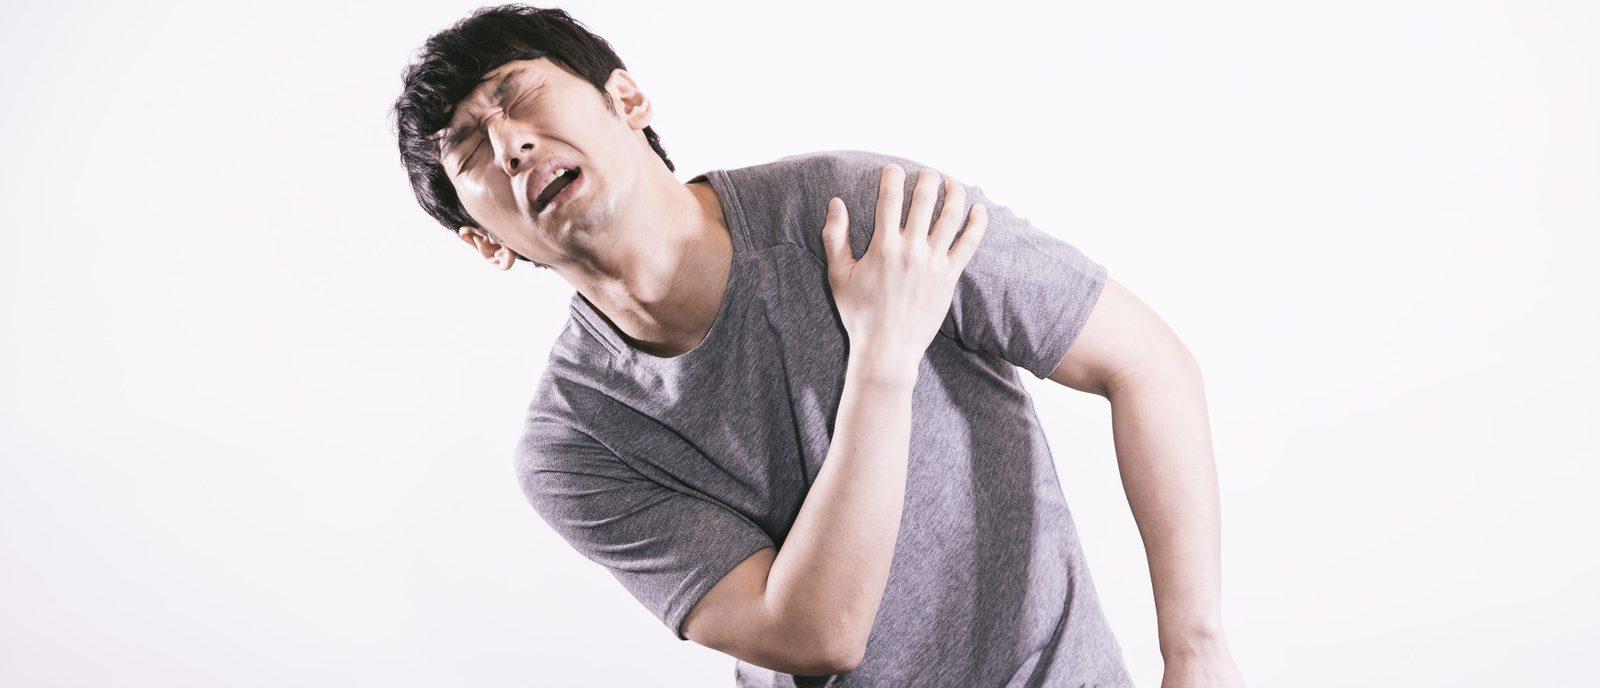 脱臼|盛岡市で脱臼の症状は、ふくろう整骨院へ